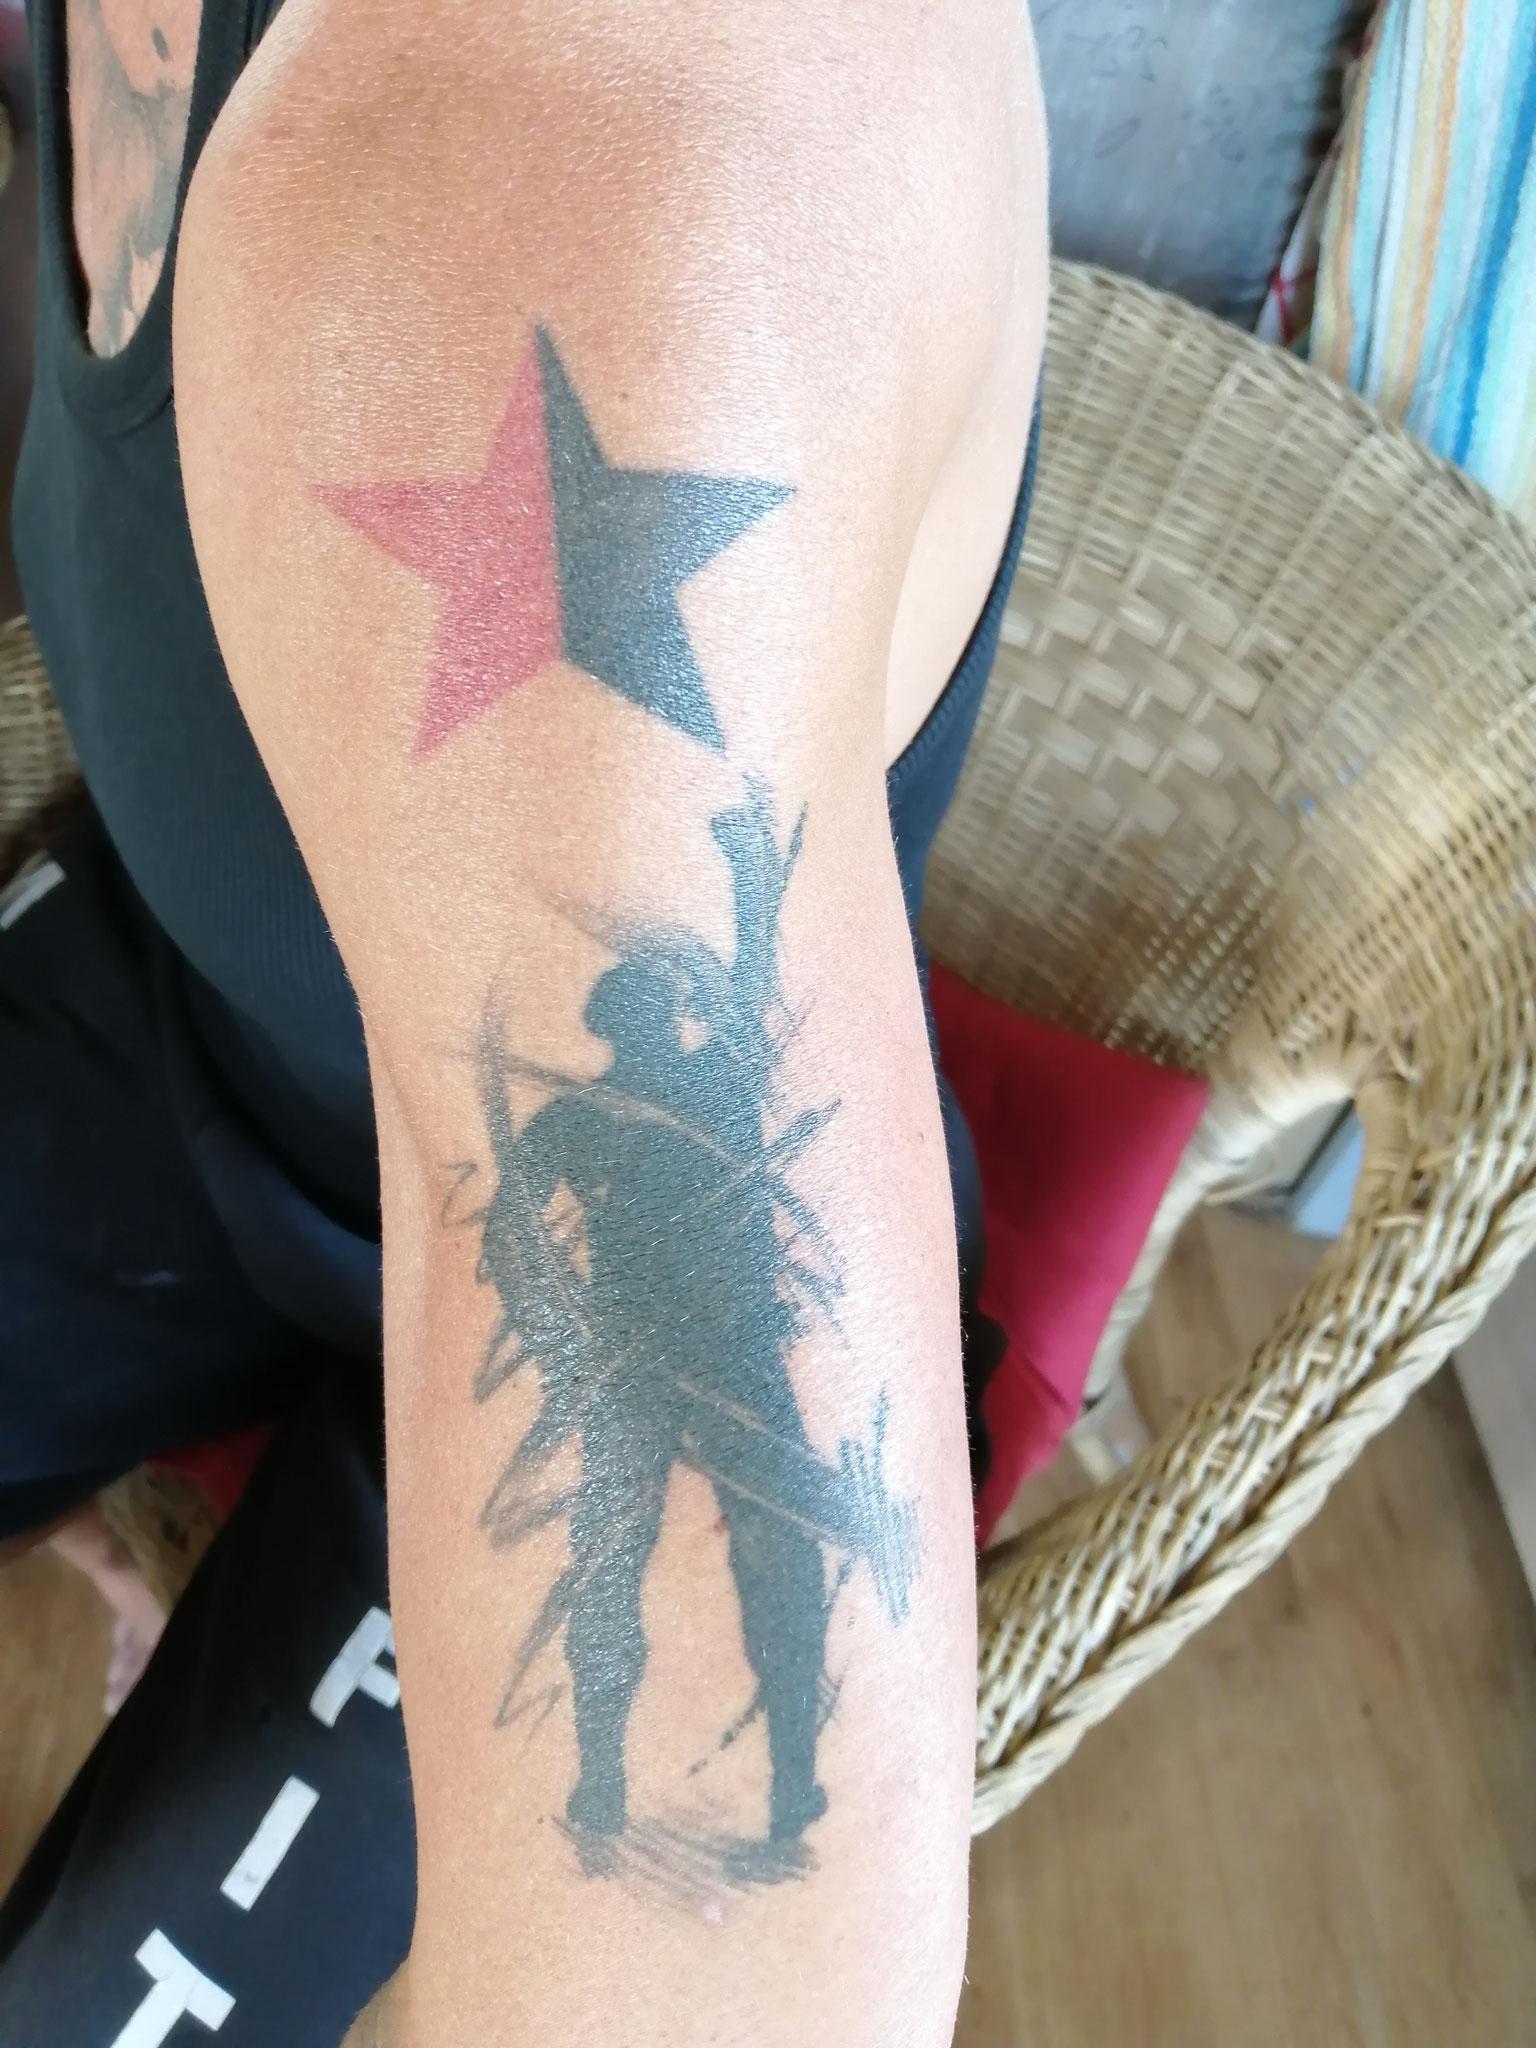 Der Stern war mein erstes Tattoo. Das untere ist ein Schattenbild von mir.